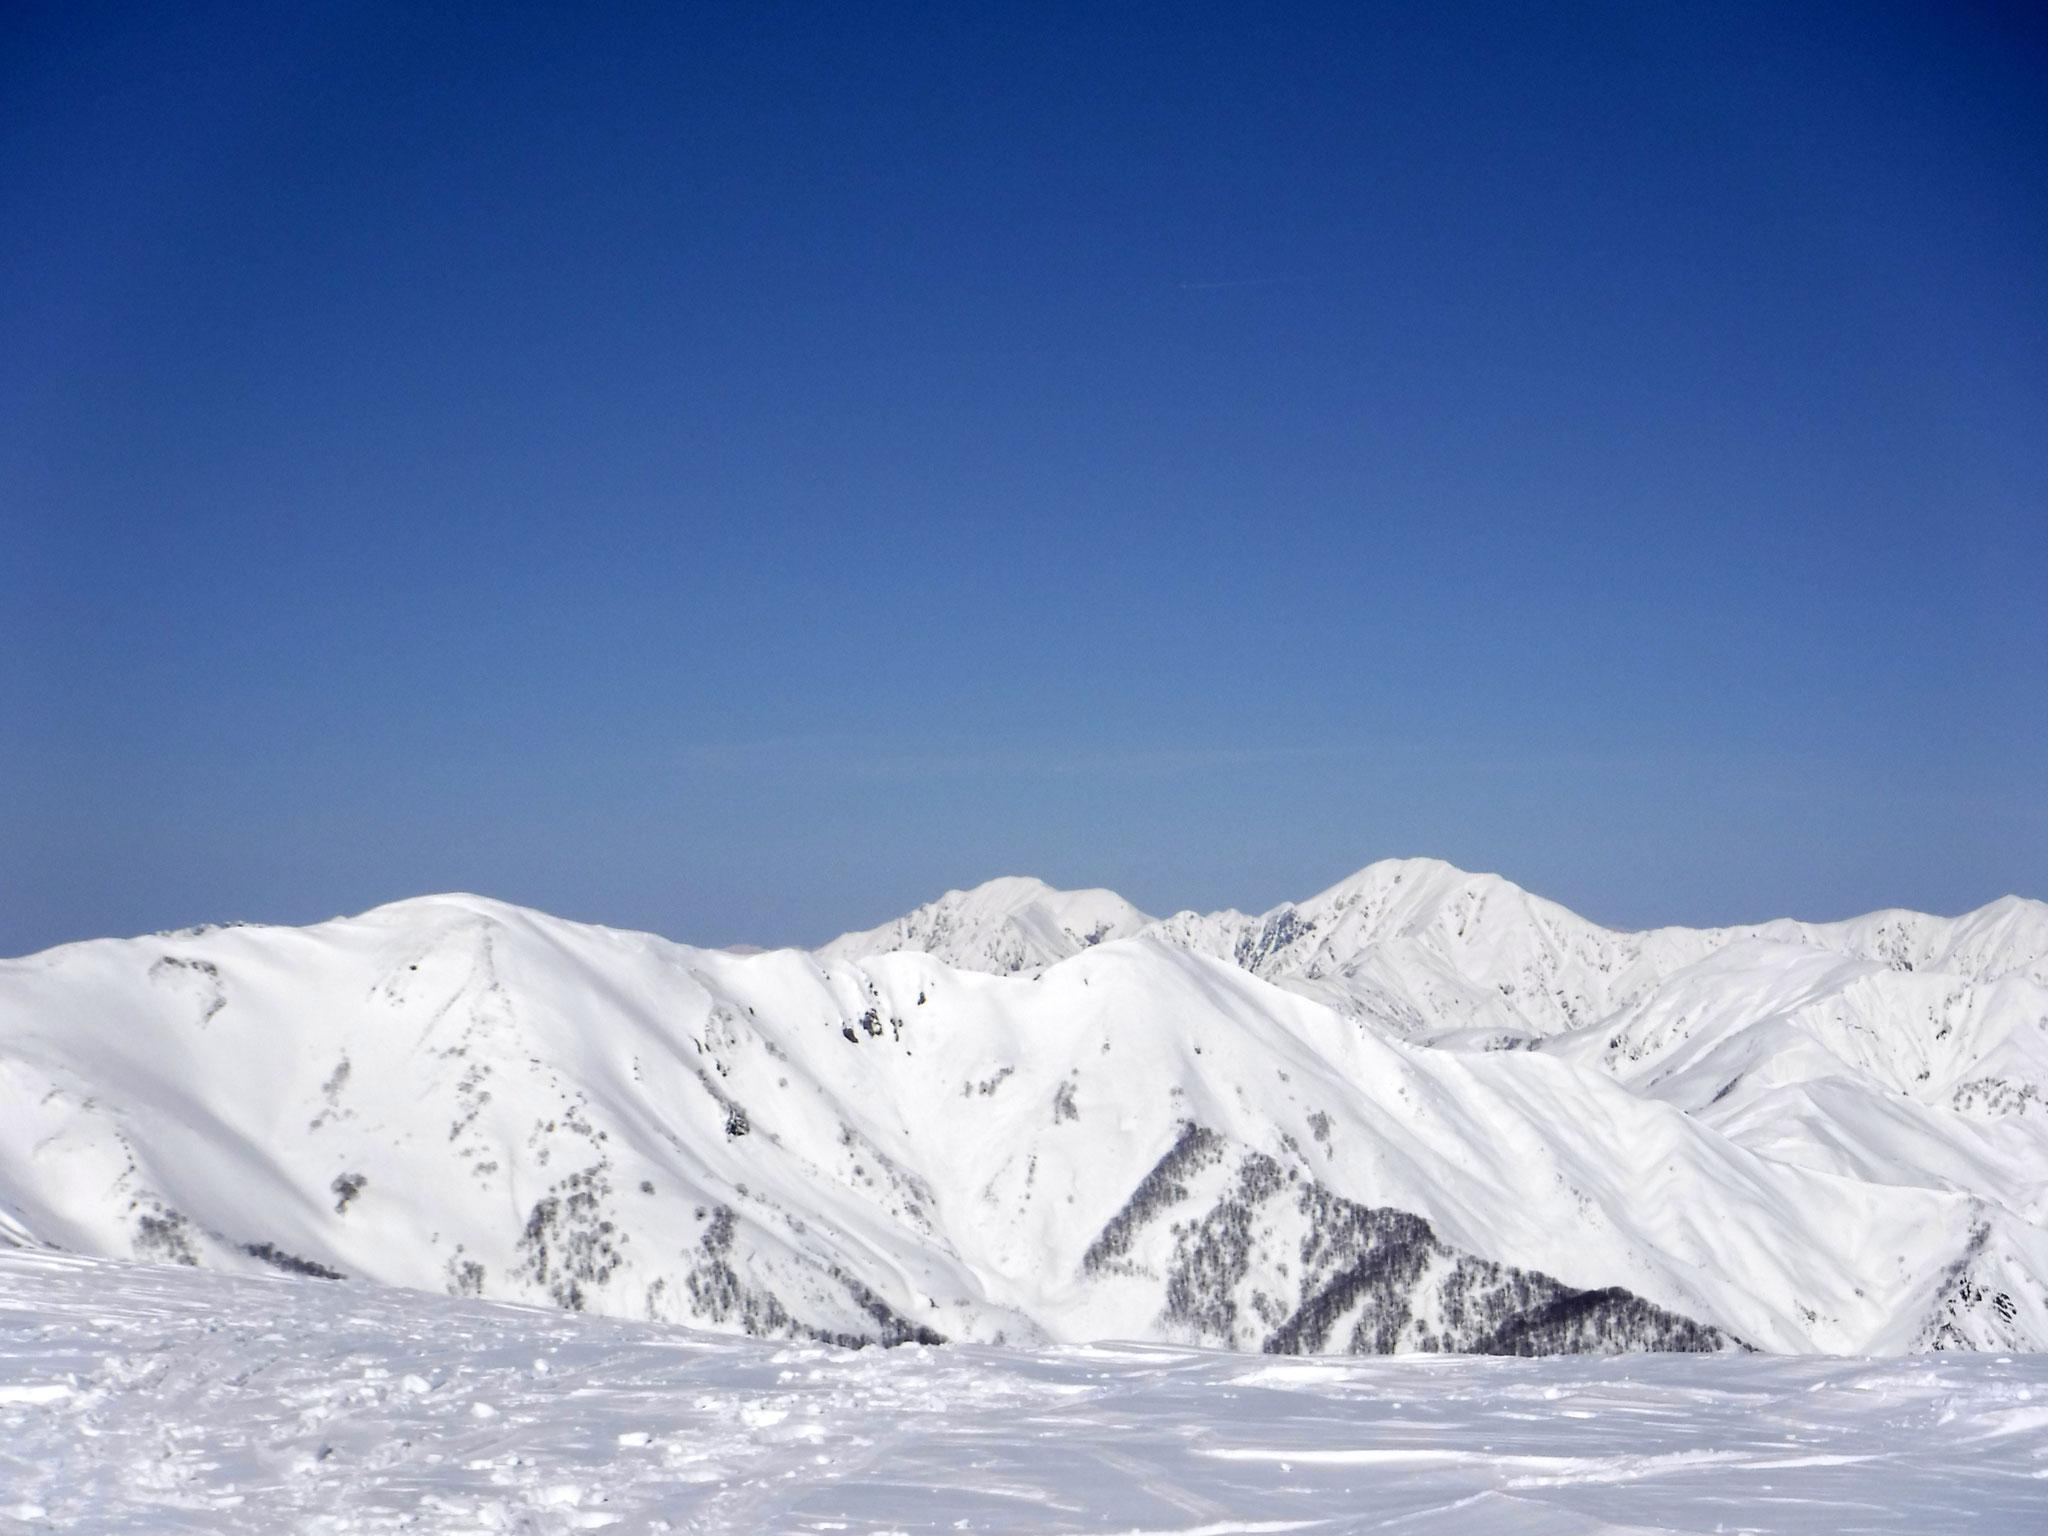 越後駒ケ岳(右奥)、中ノ岳(左奥)